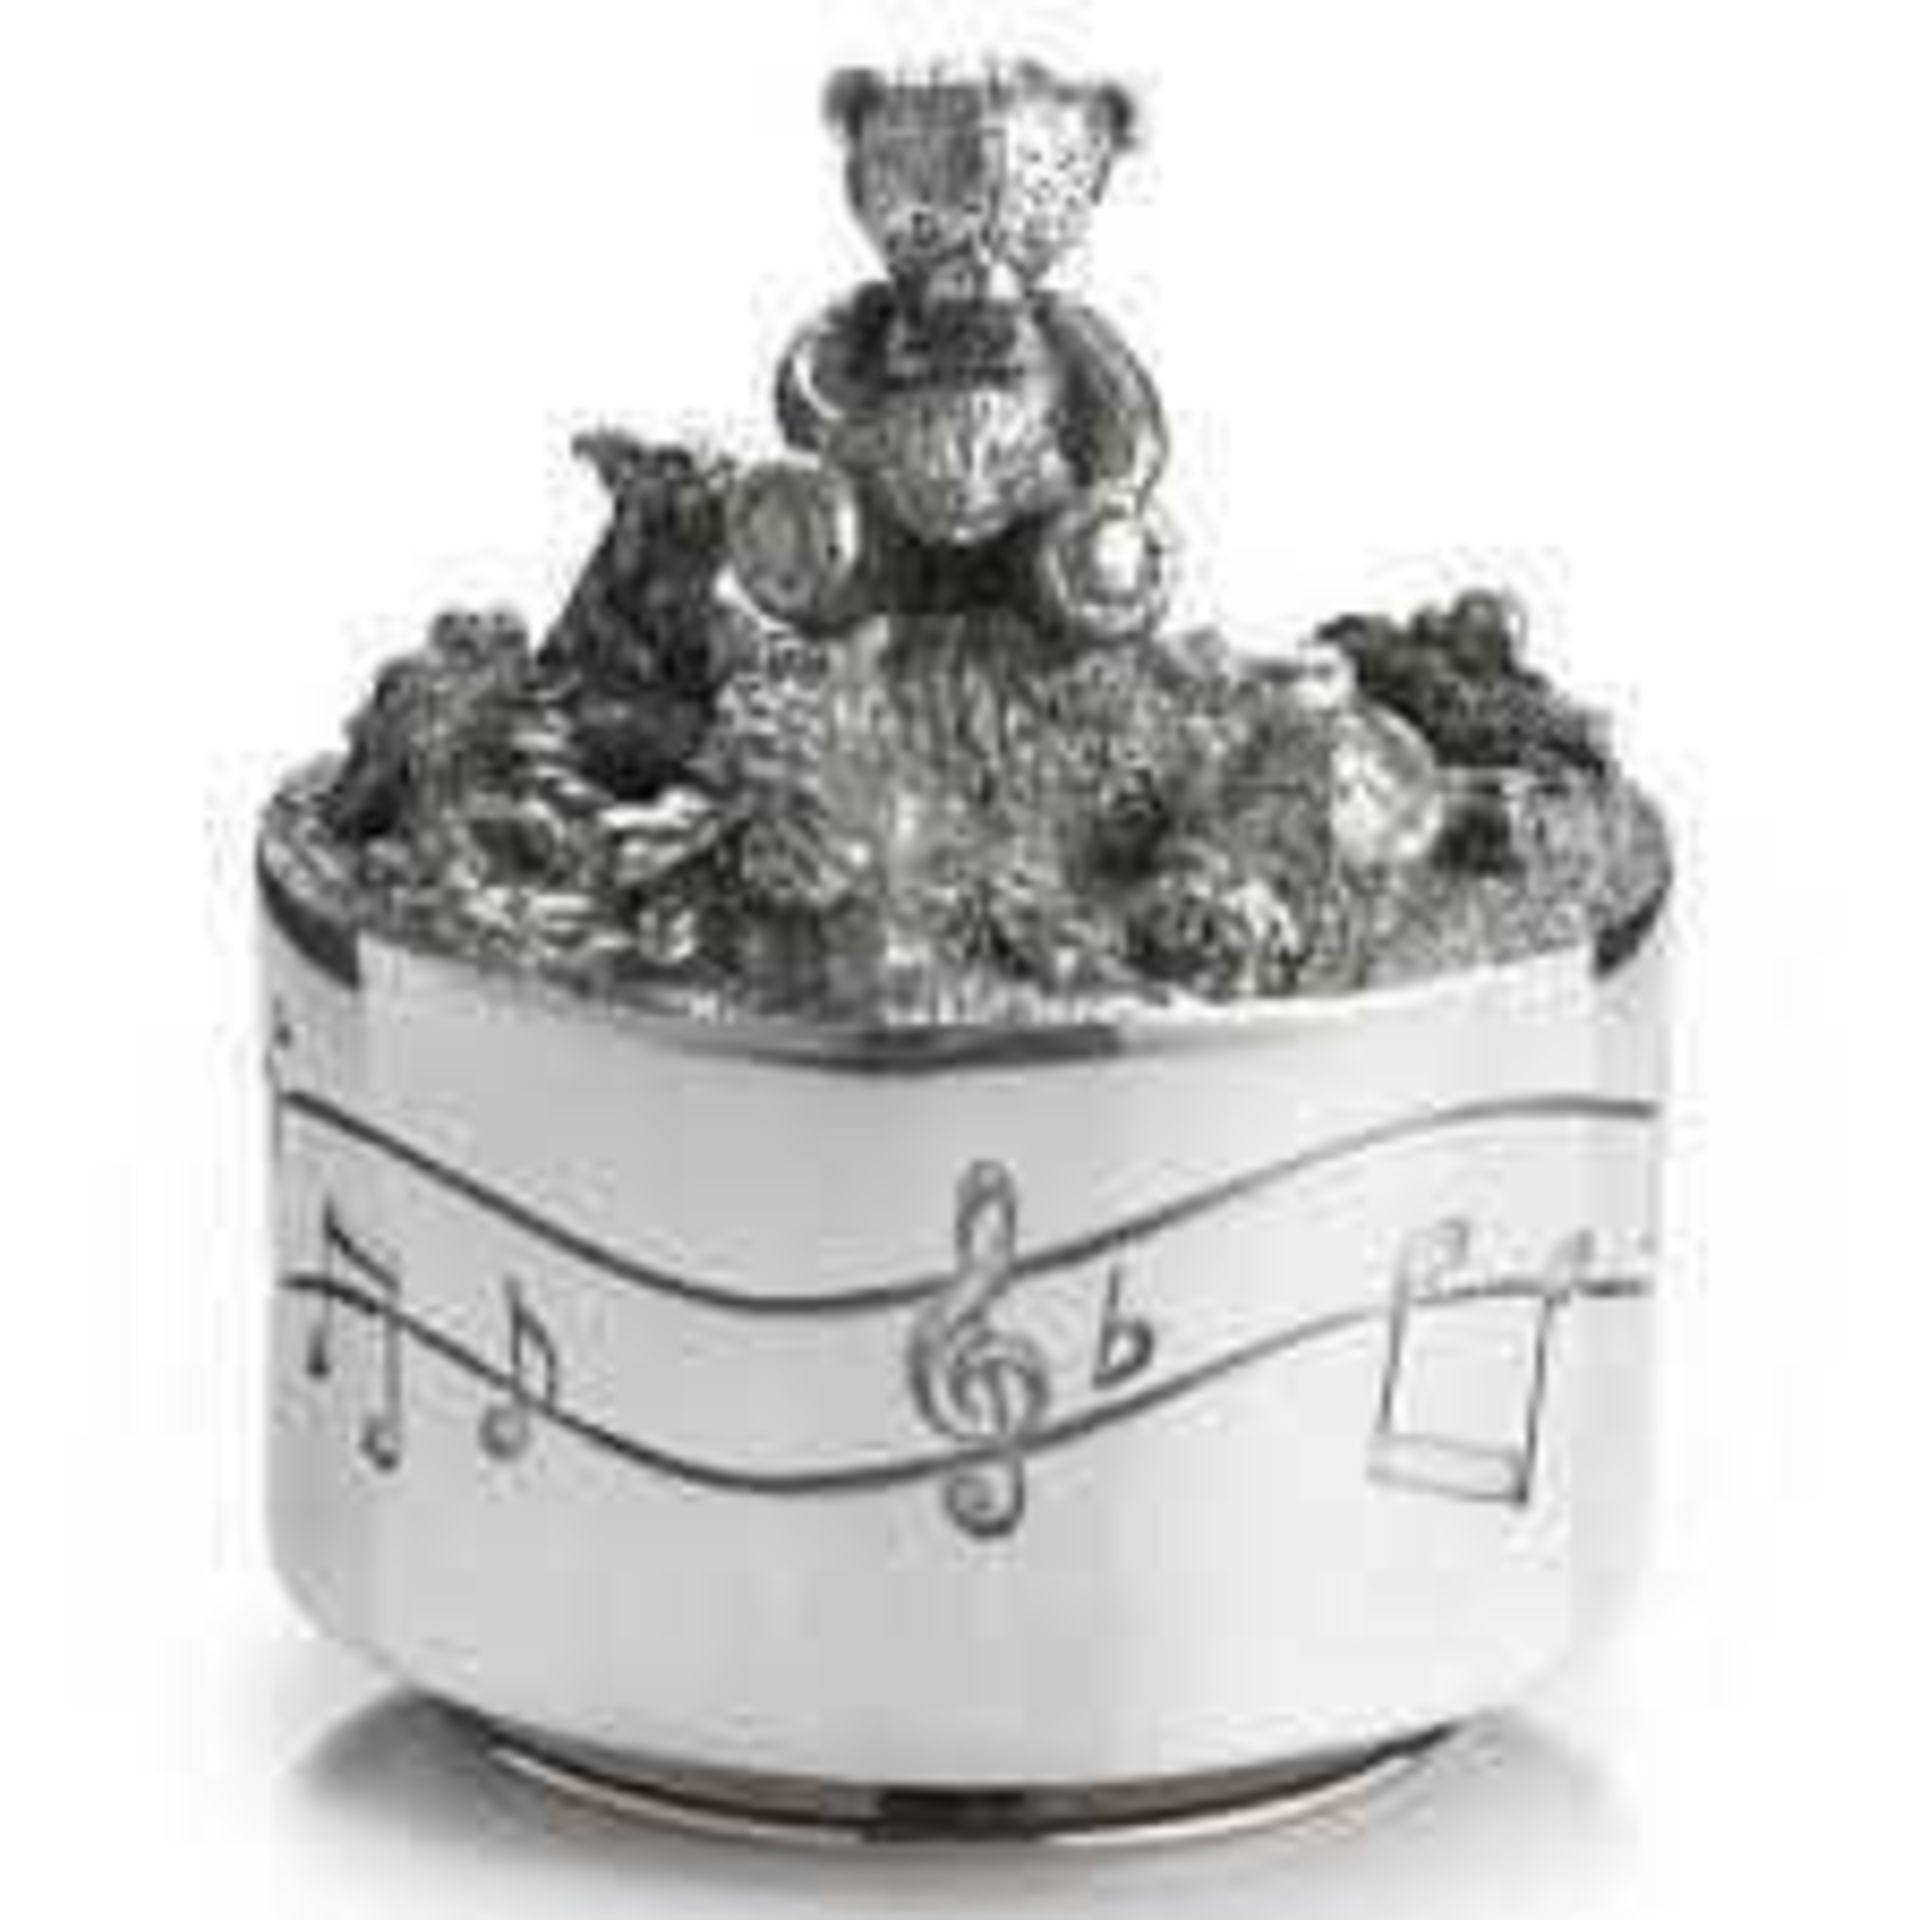 RRP £85 Boxed Royal Selangor Musical Carousel